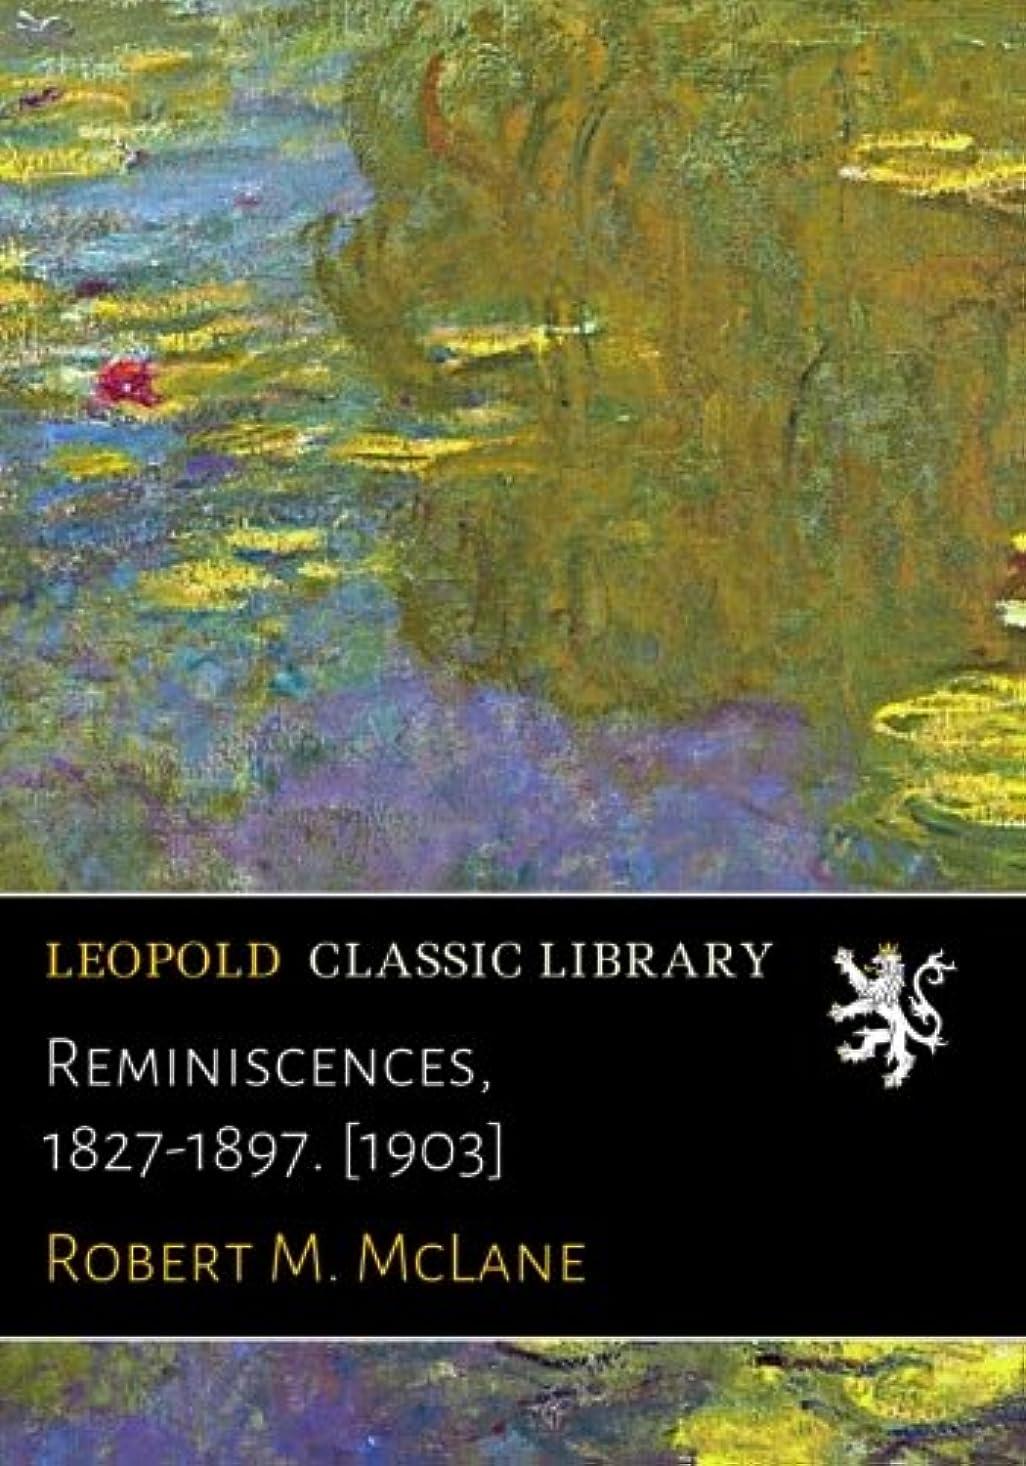 木材味わう吹きさらしReminiscences, 1827-1897. [1903]